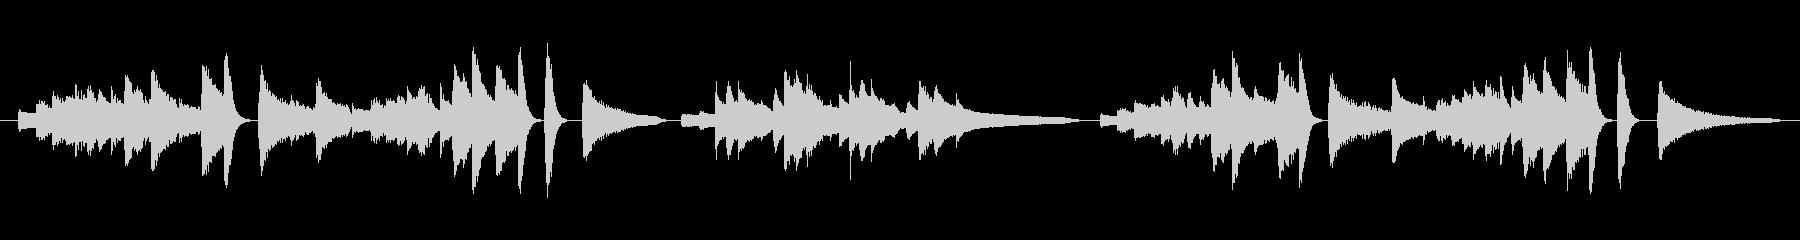 ベートーヴェンop.119-9リピート無の未再生の波形